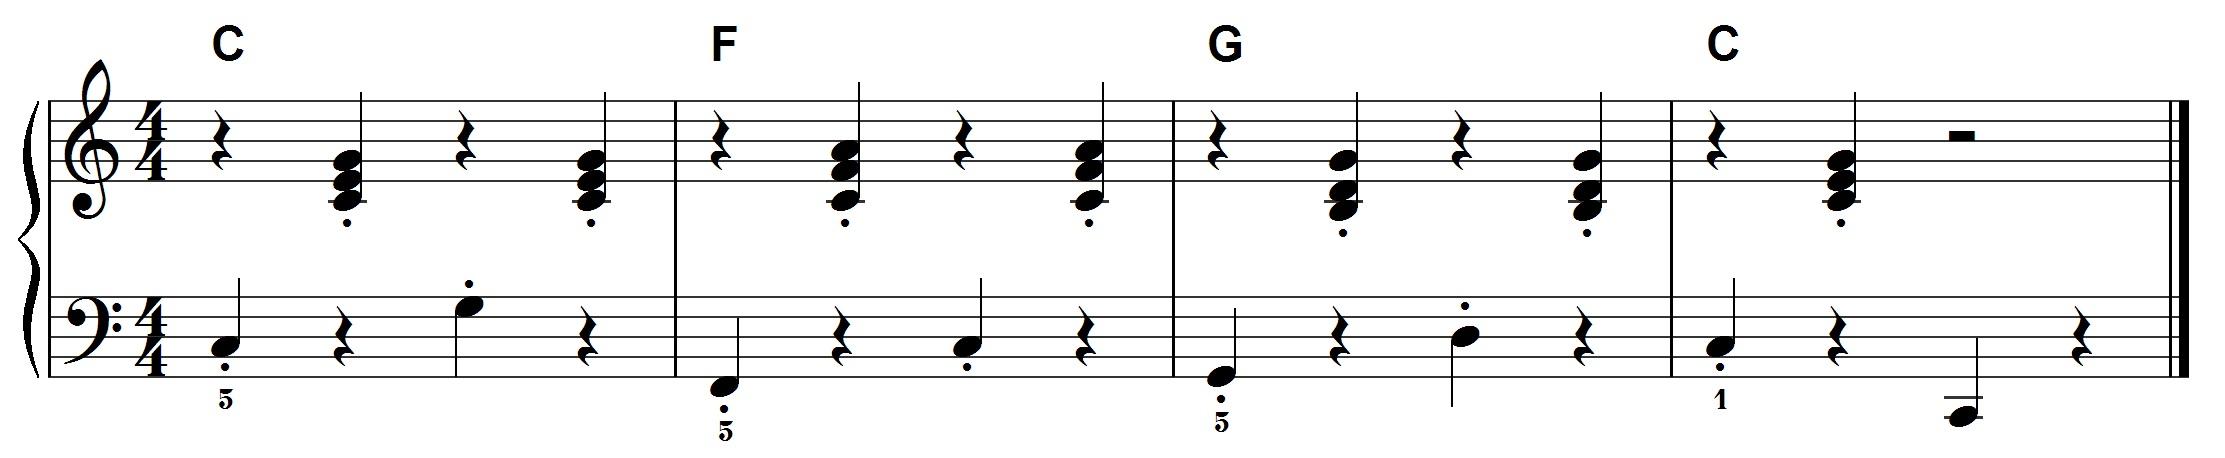 Weihnachtslieder Klaviernoten Kostenlos.Kreativ Begleiten Weihnachtslieder Der Zauberklavier Blog